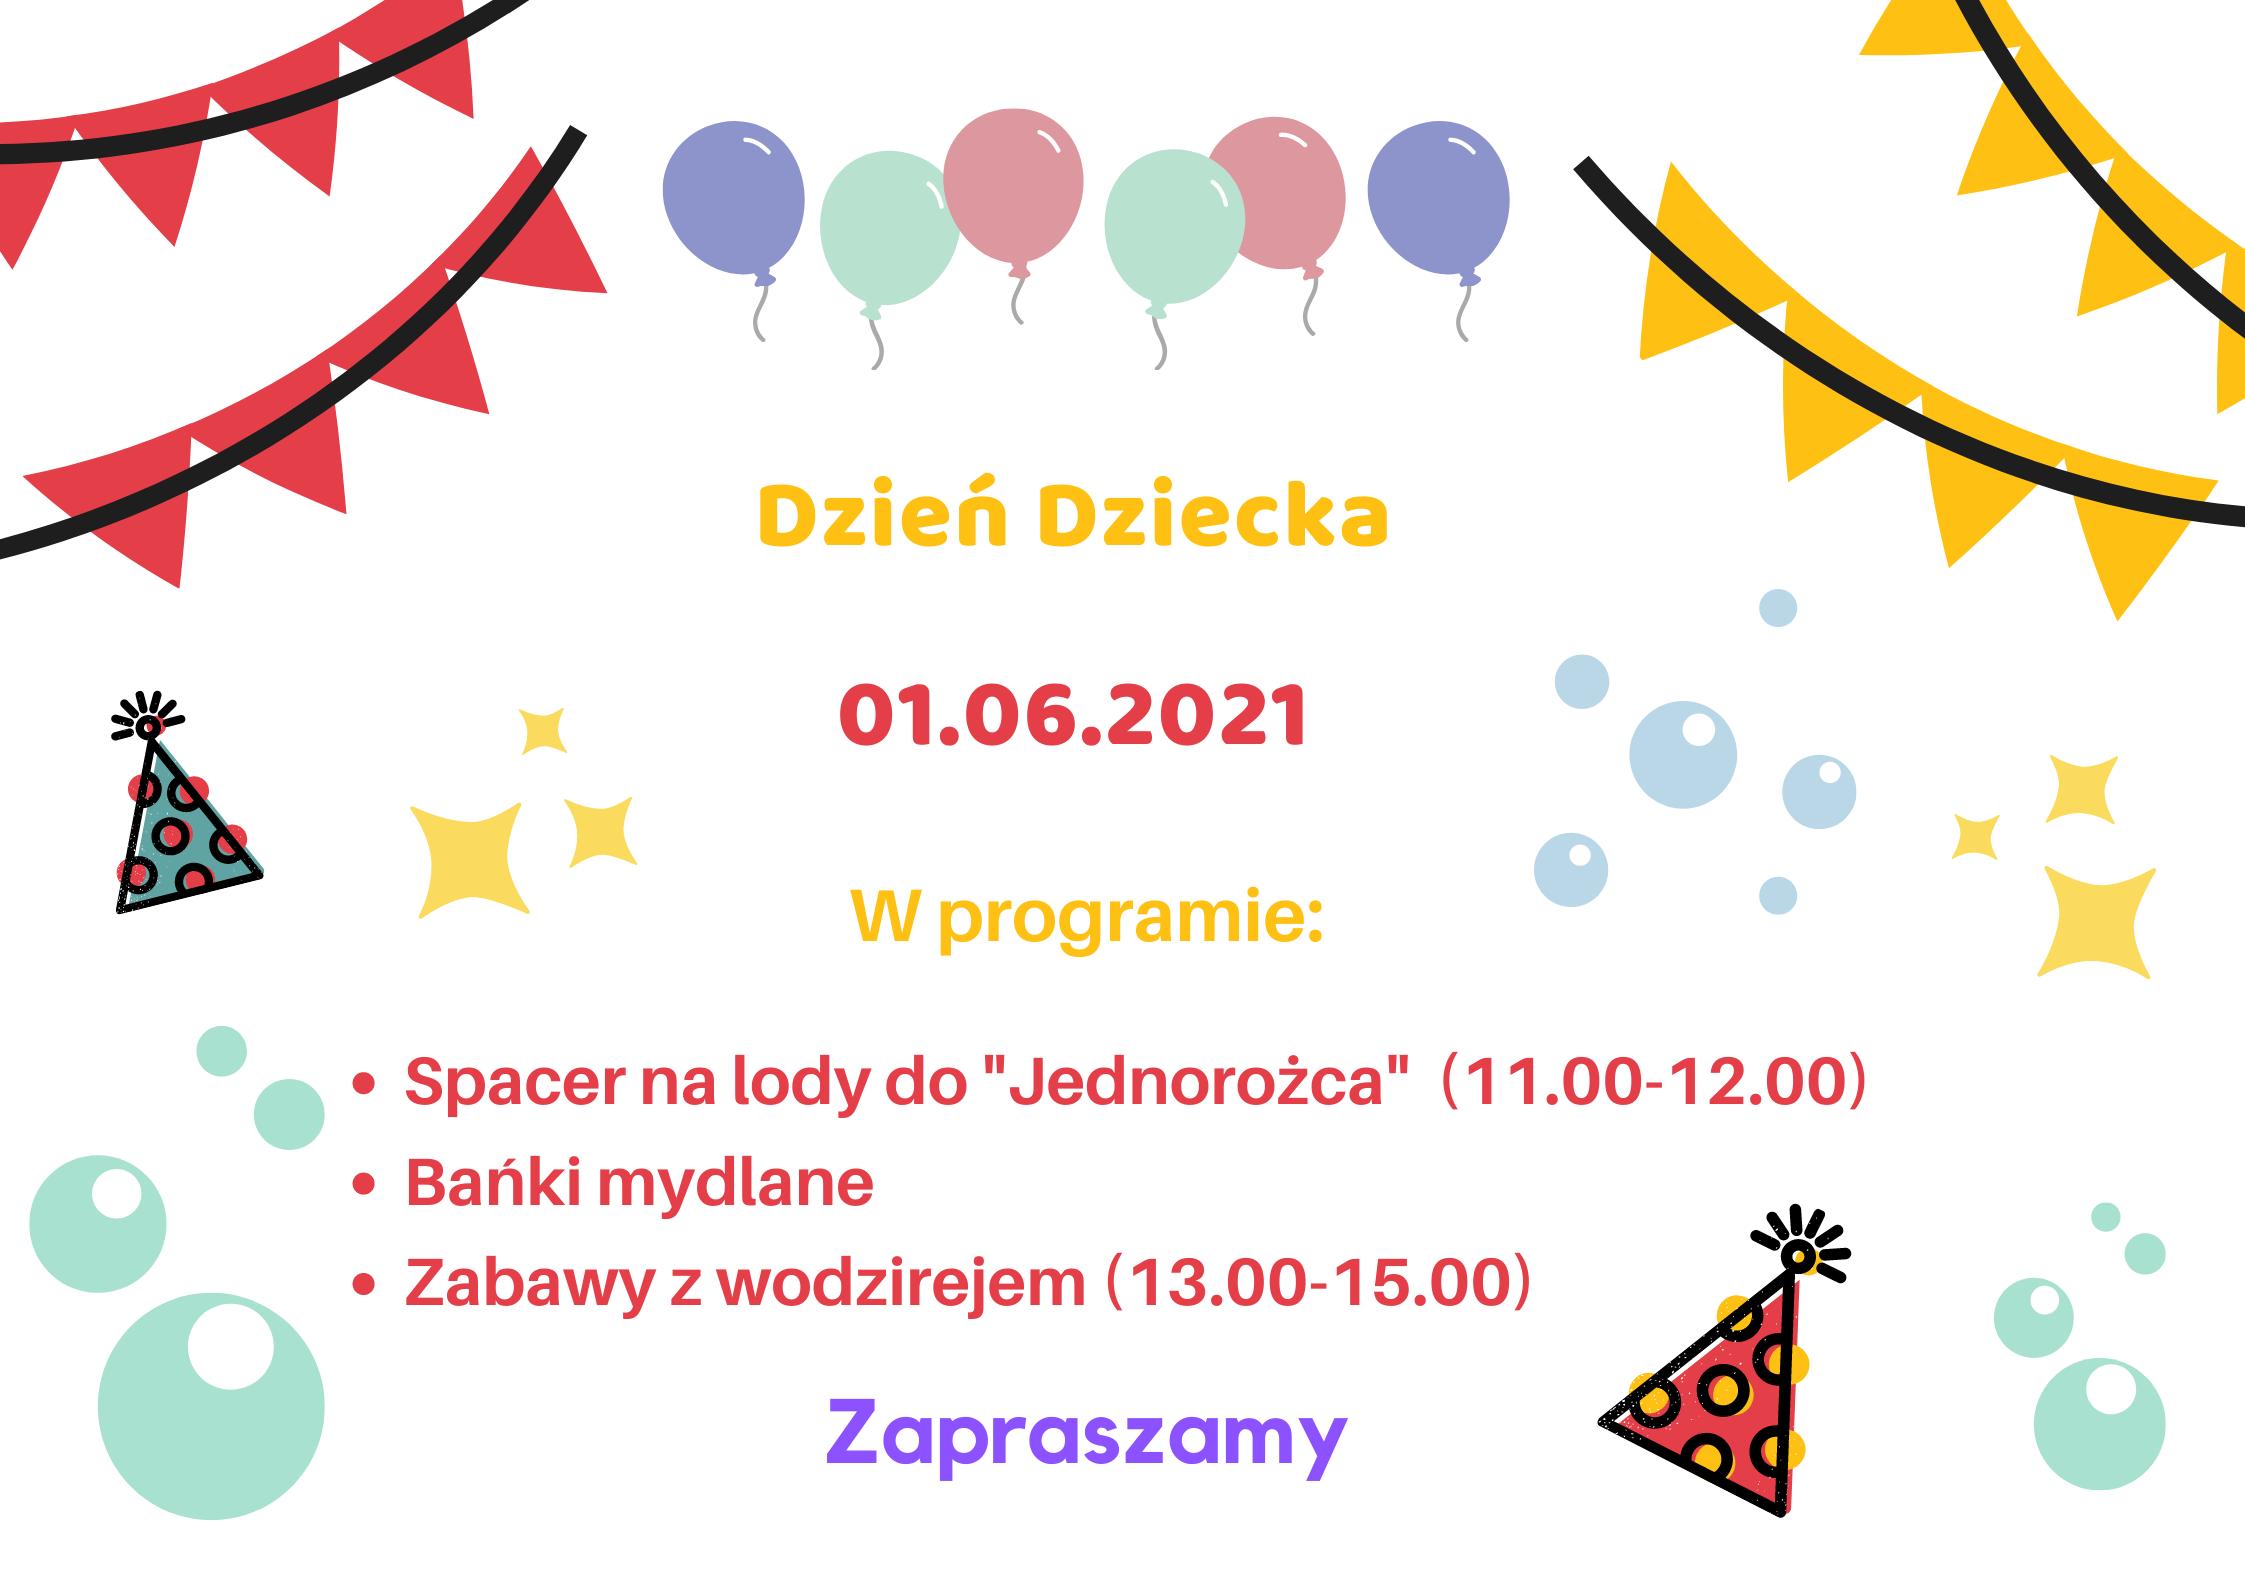 plakat z zaproszeniem na dzień dziecka